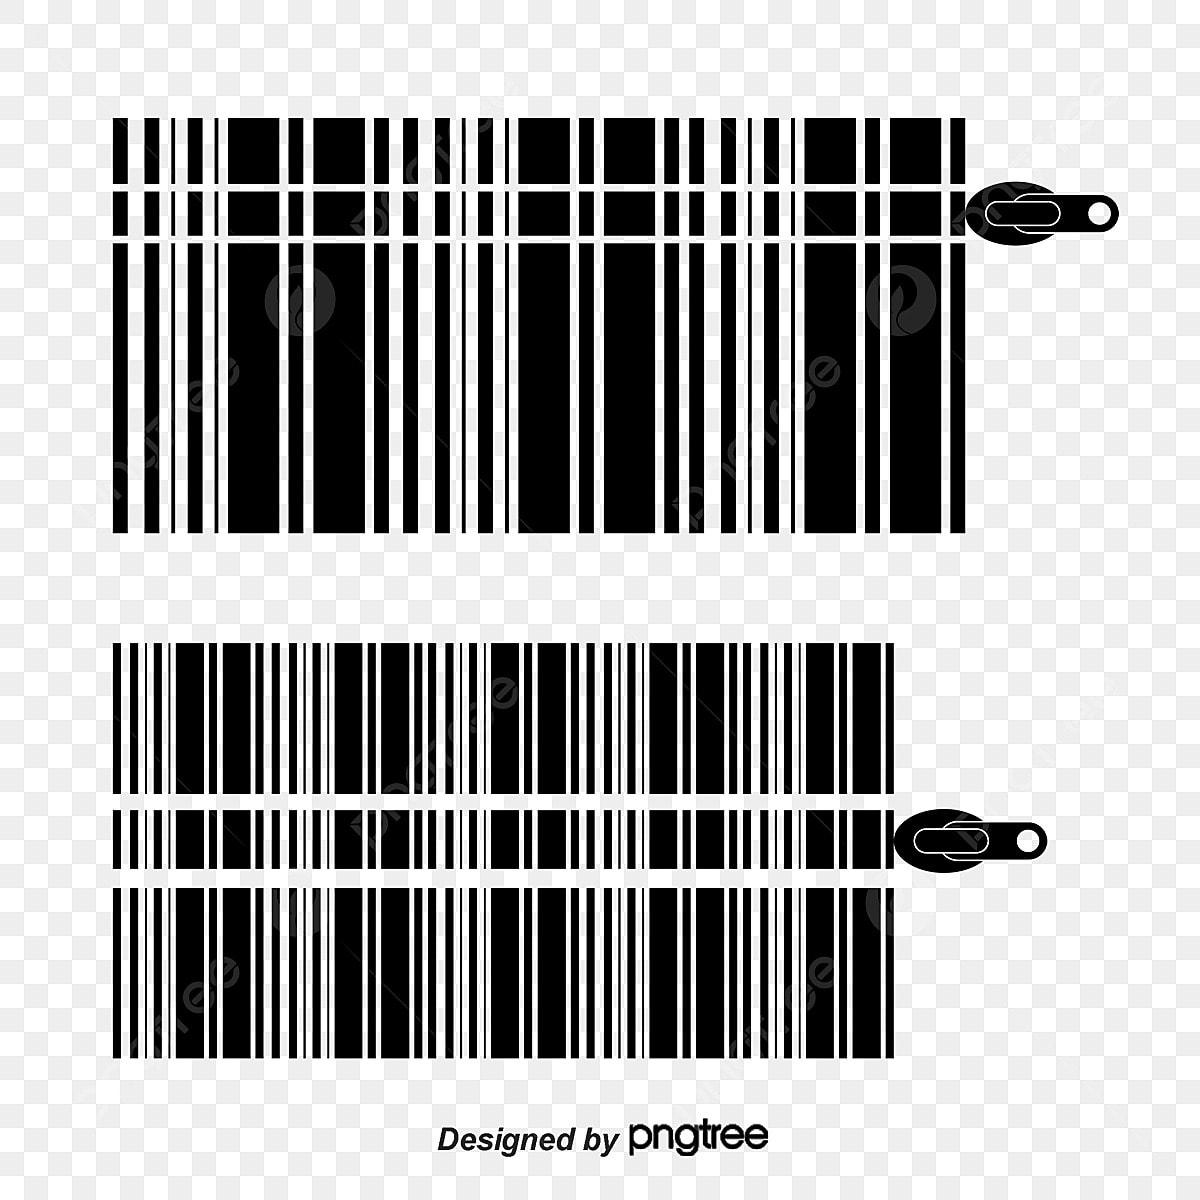 Creative Design Barcode, Barcode Vector, Creative, Design